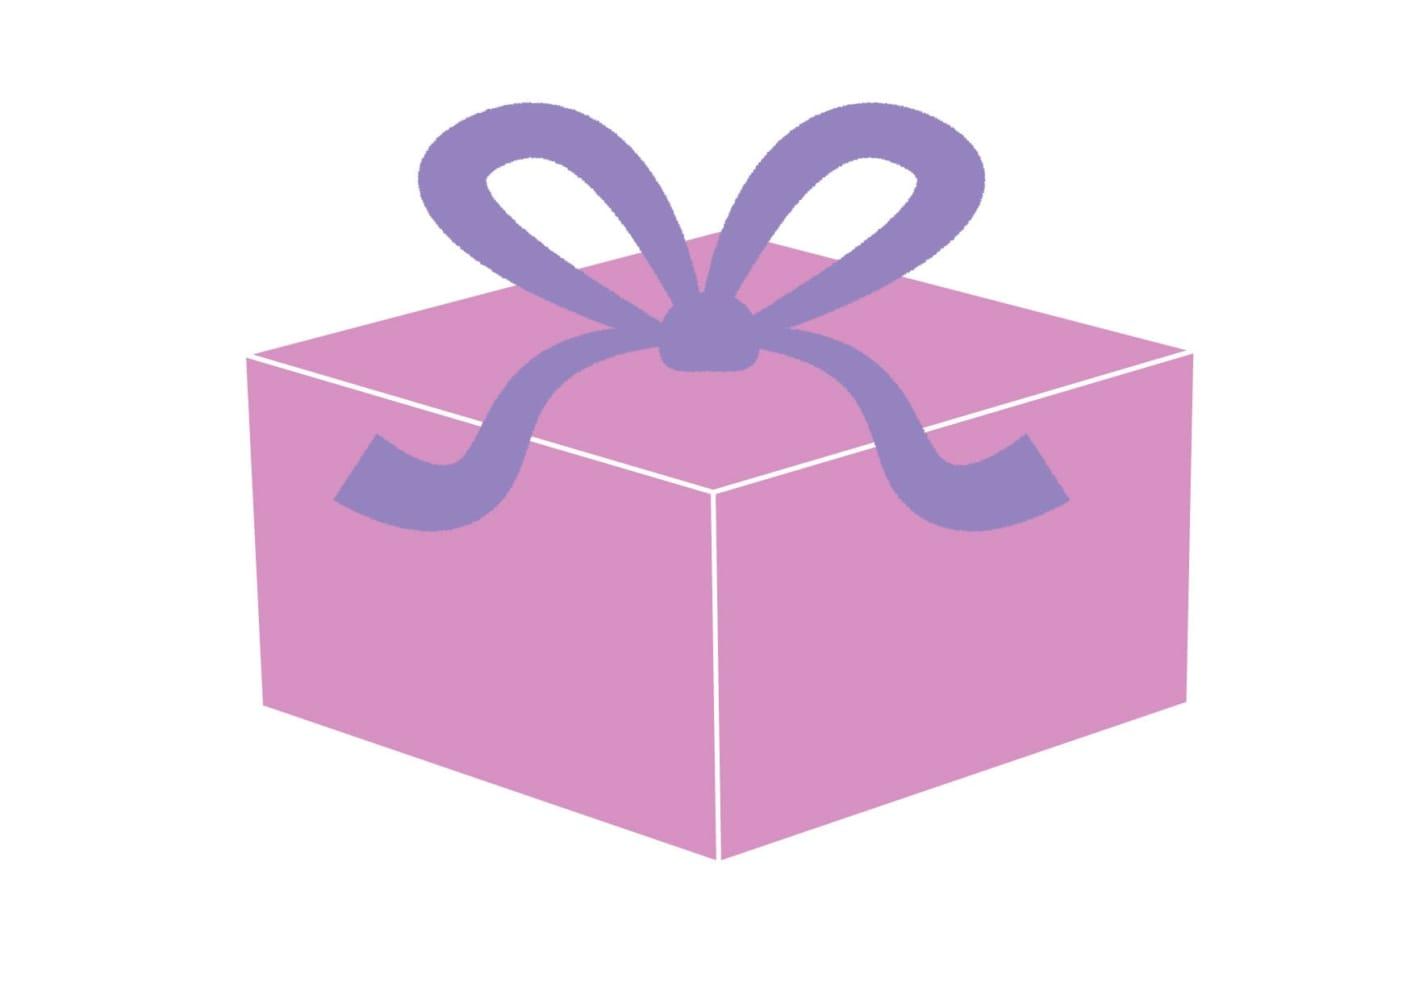 プレゼント 紫色 イラスト 無料